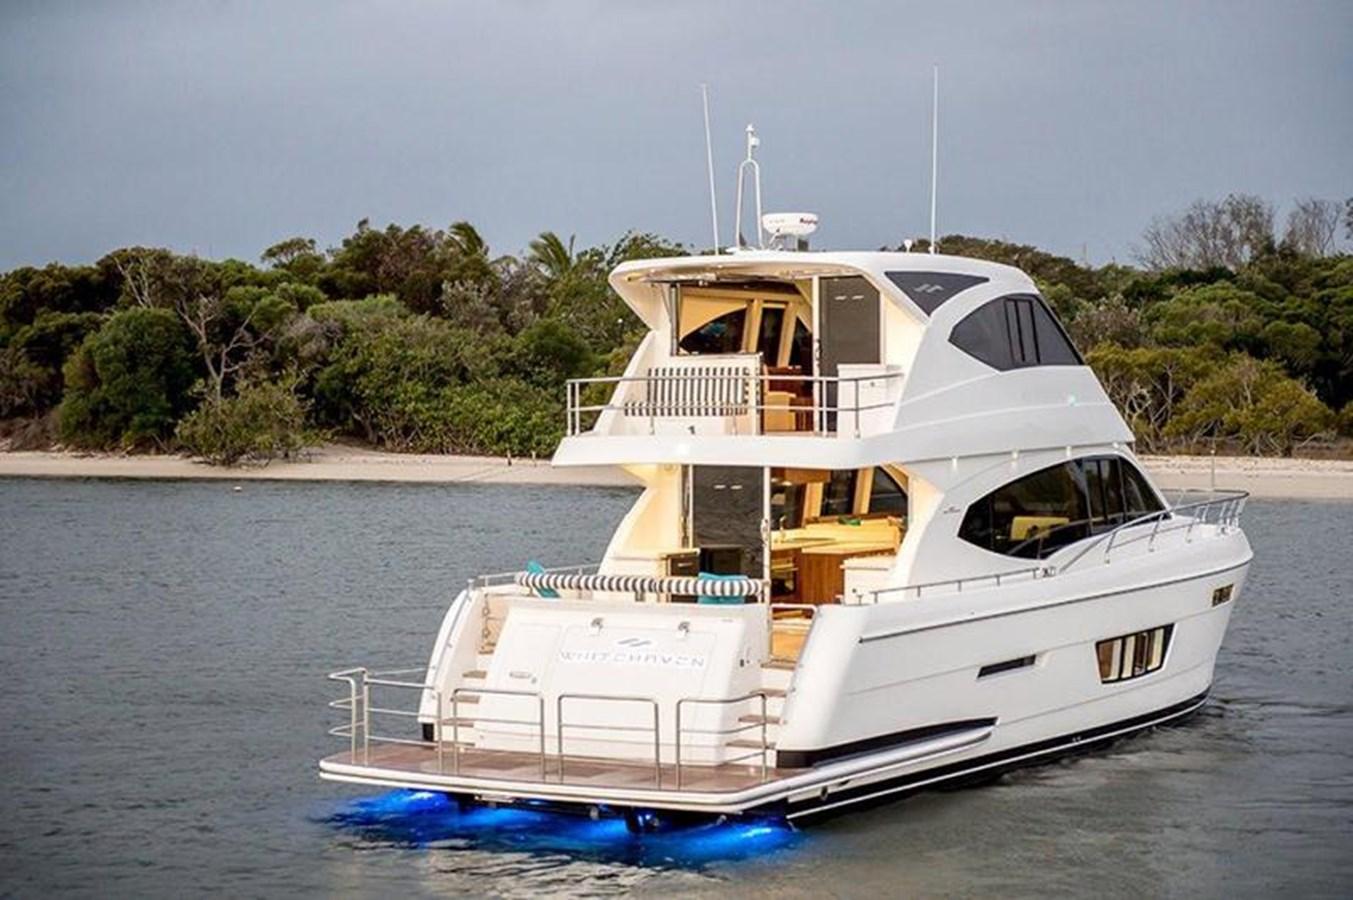 cad75528-08f5-4a78-8c25-934b1e037c9c-xlg 2020 CUSTOM  Motor Yacht 2925003